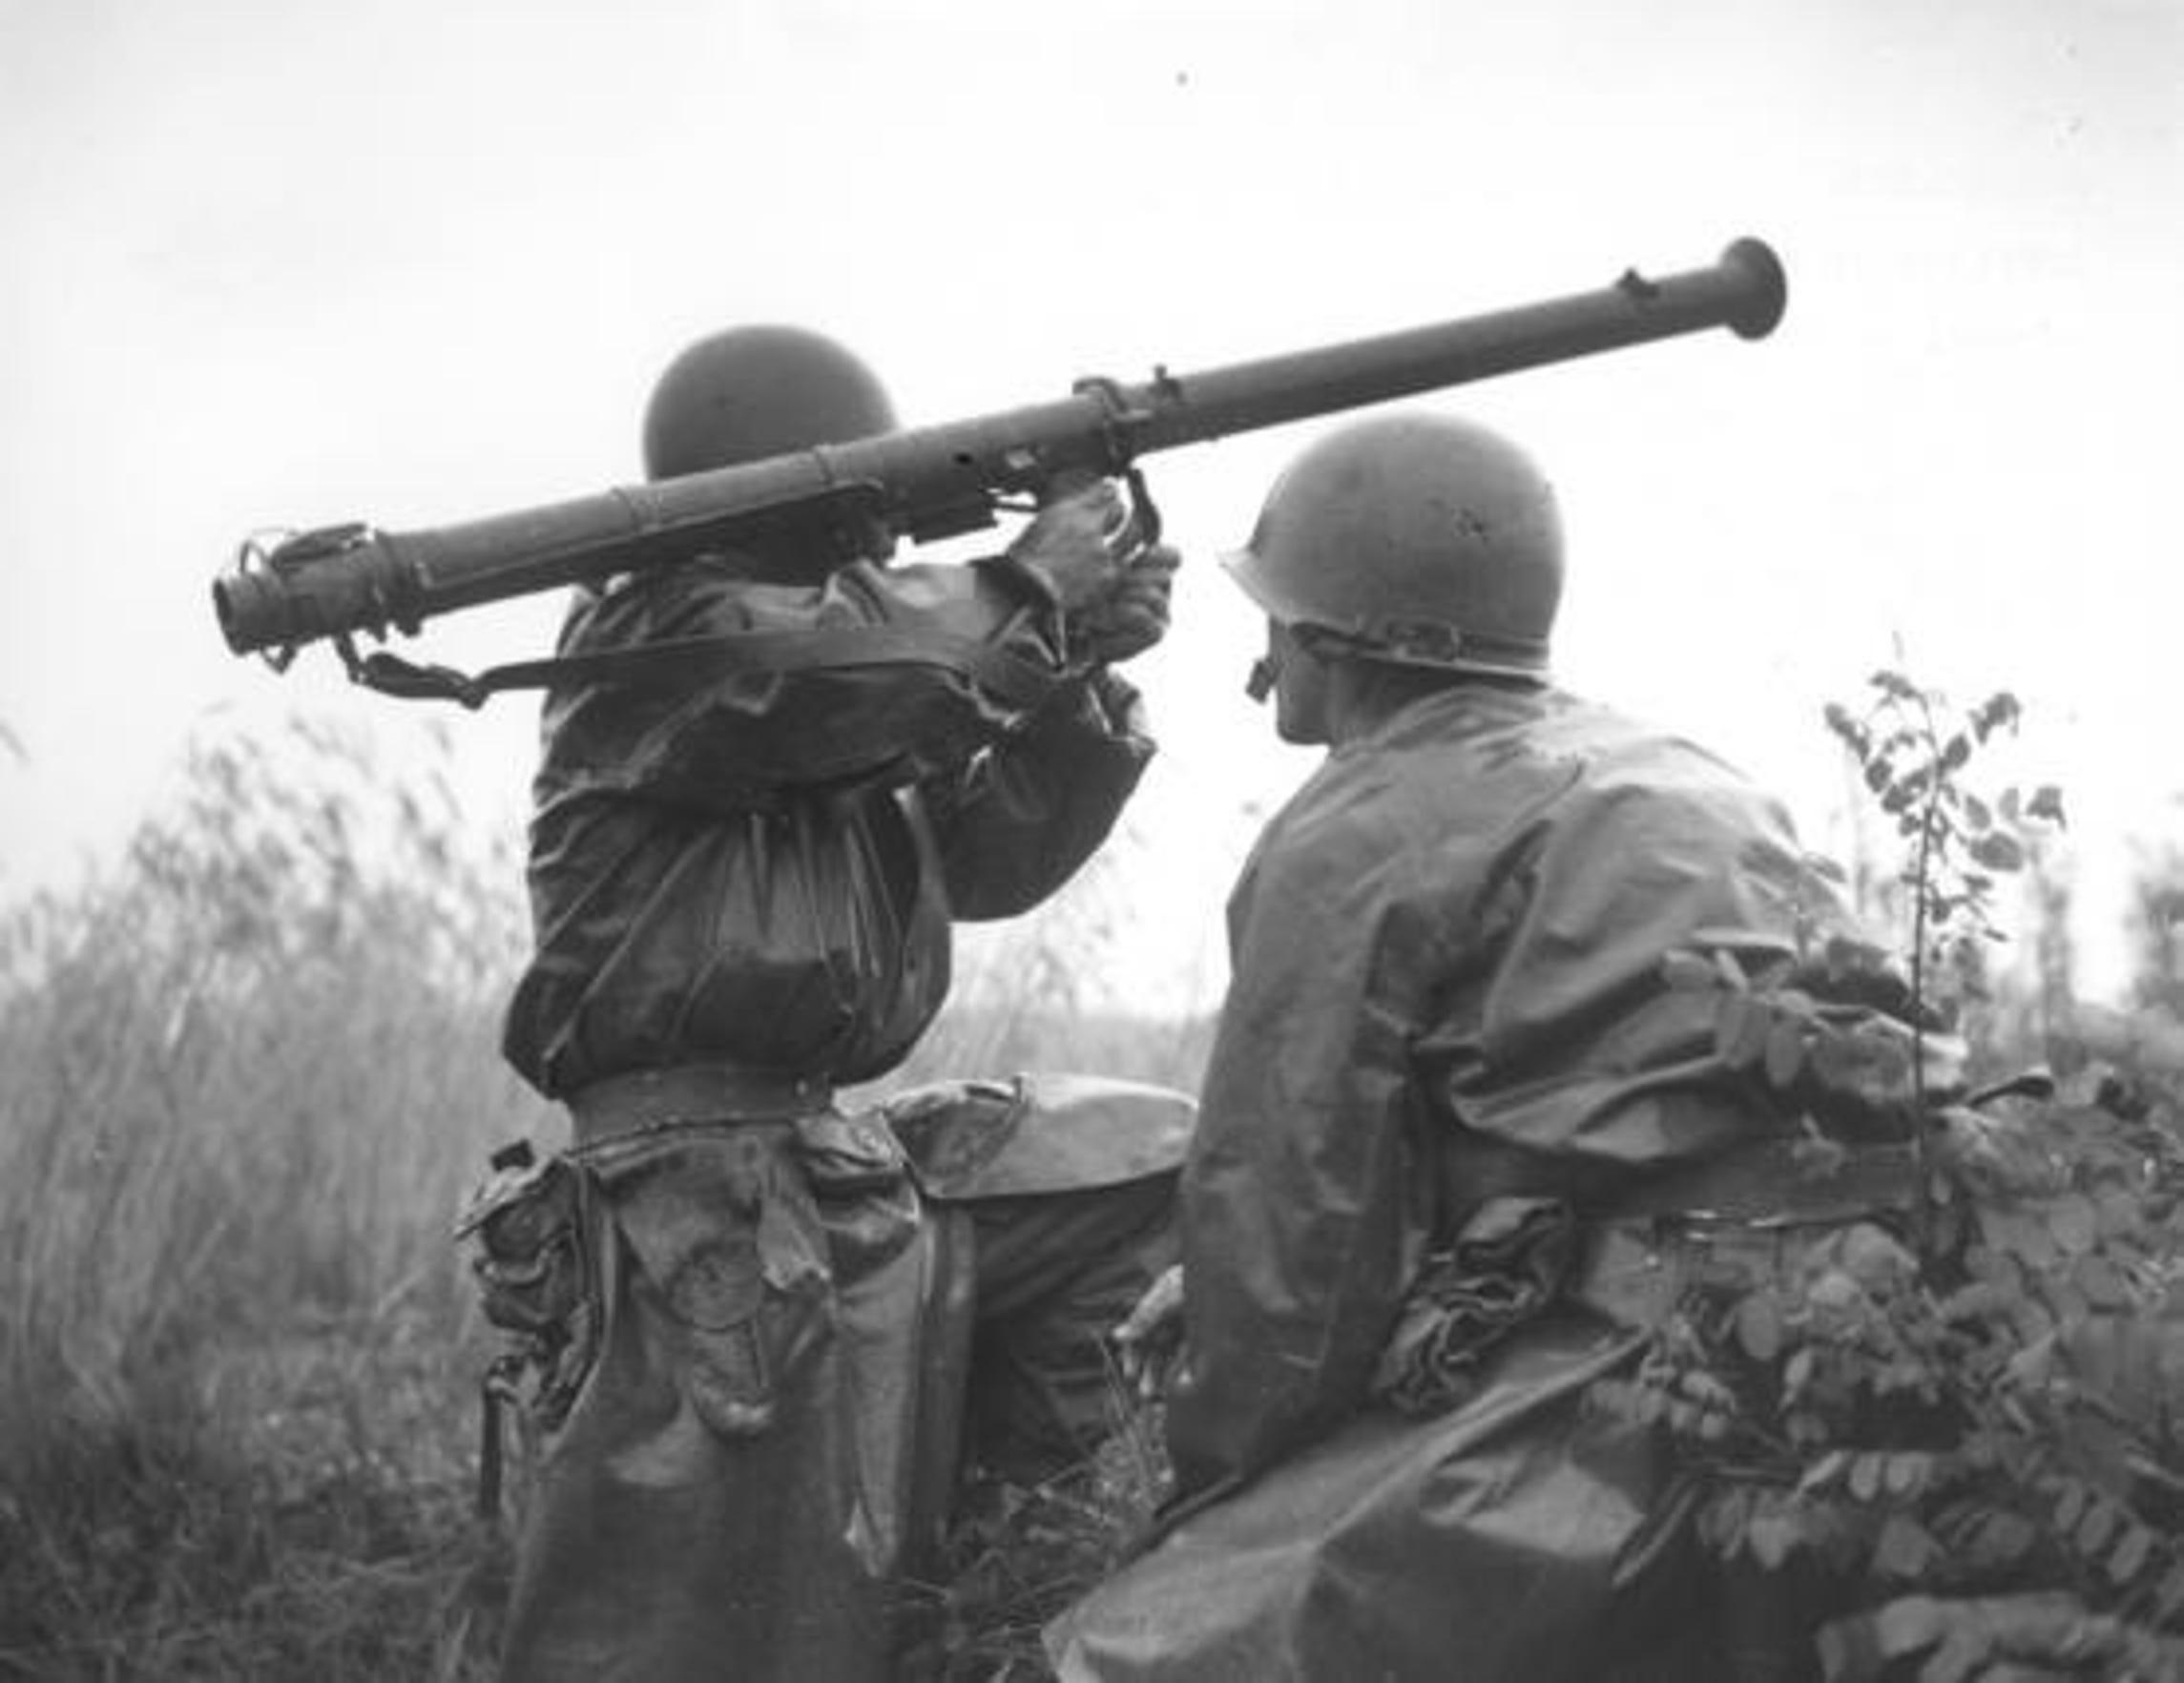 El soldado Kenny Shadrick (der.) porta una arma durante la guerra de Corea, el 5 de julio de 1950.